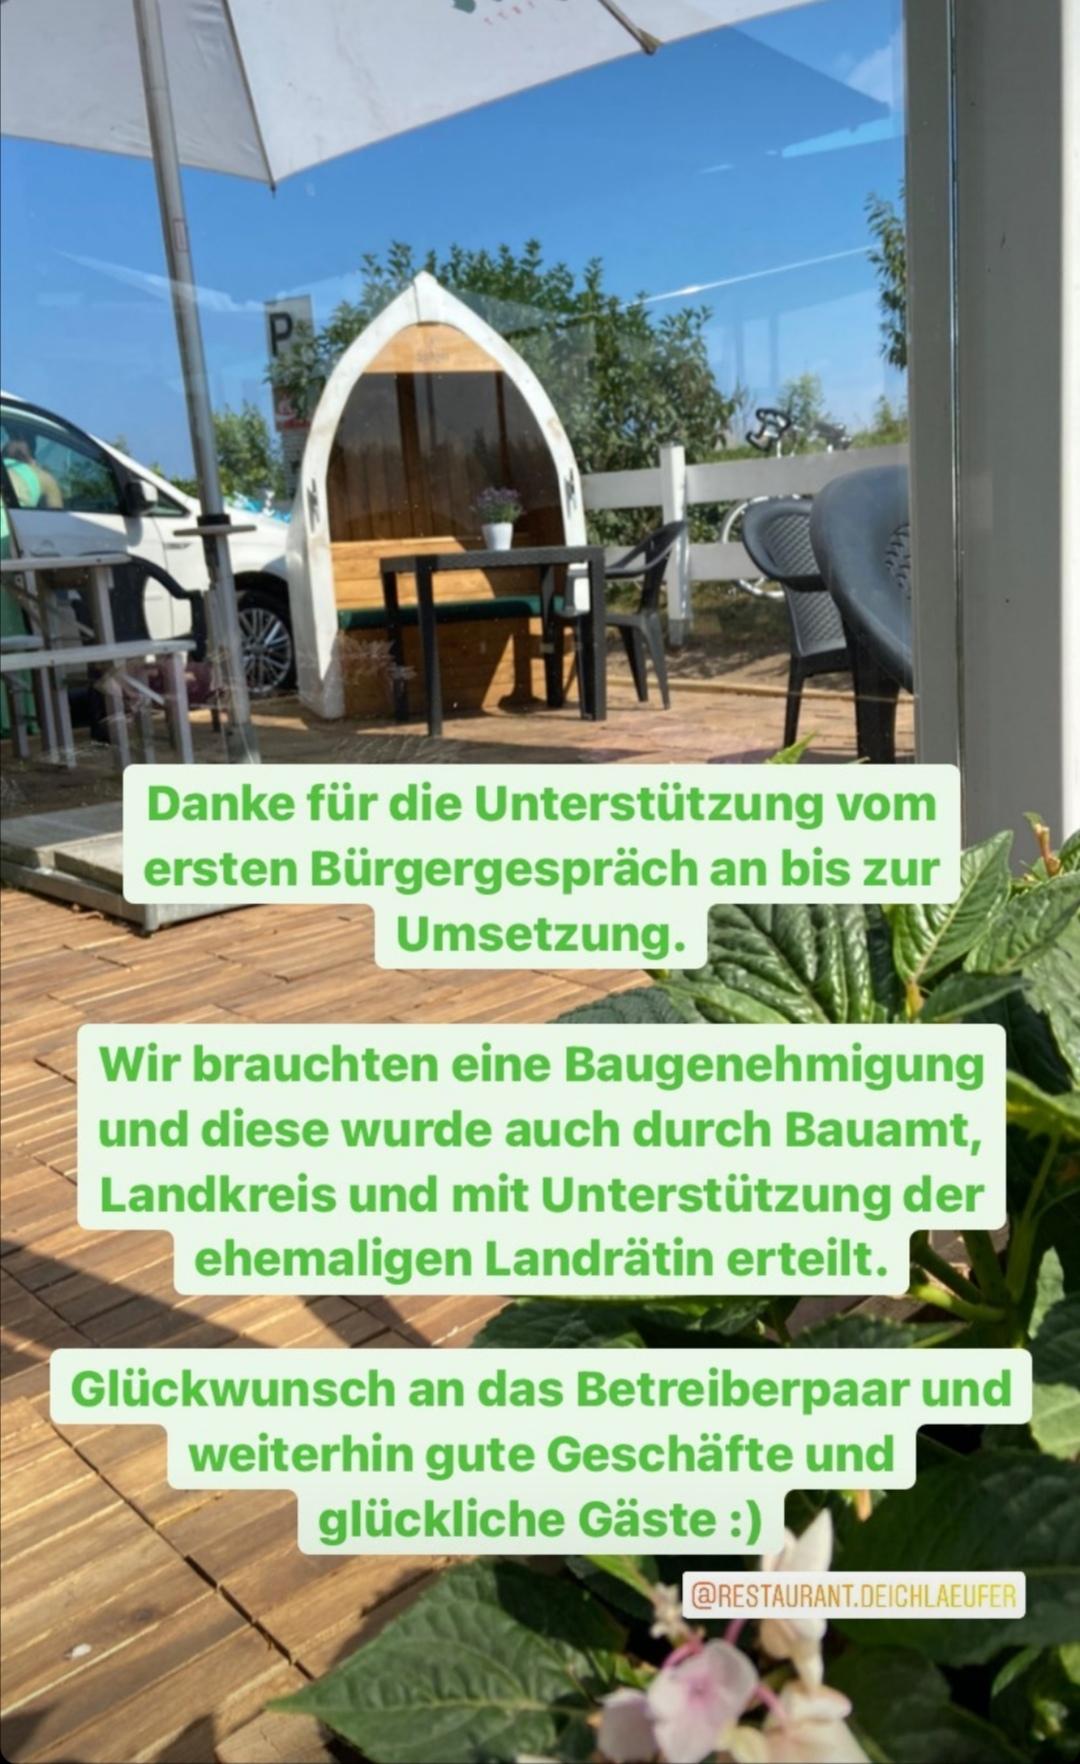 Restaurant Deichläufer benötigte Baugenehmigung für die Erweiterung der Außenterrasse